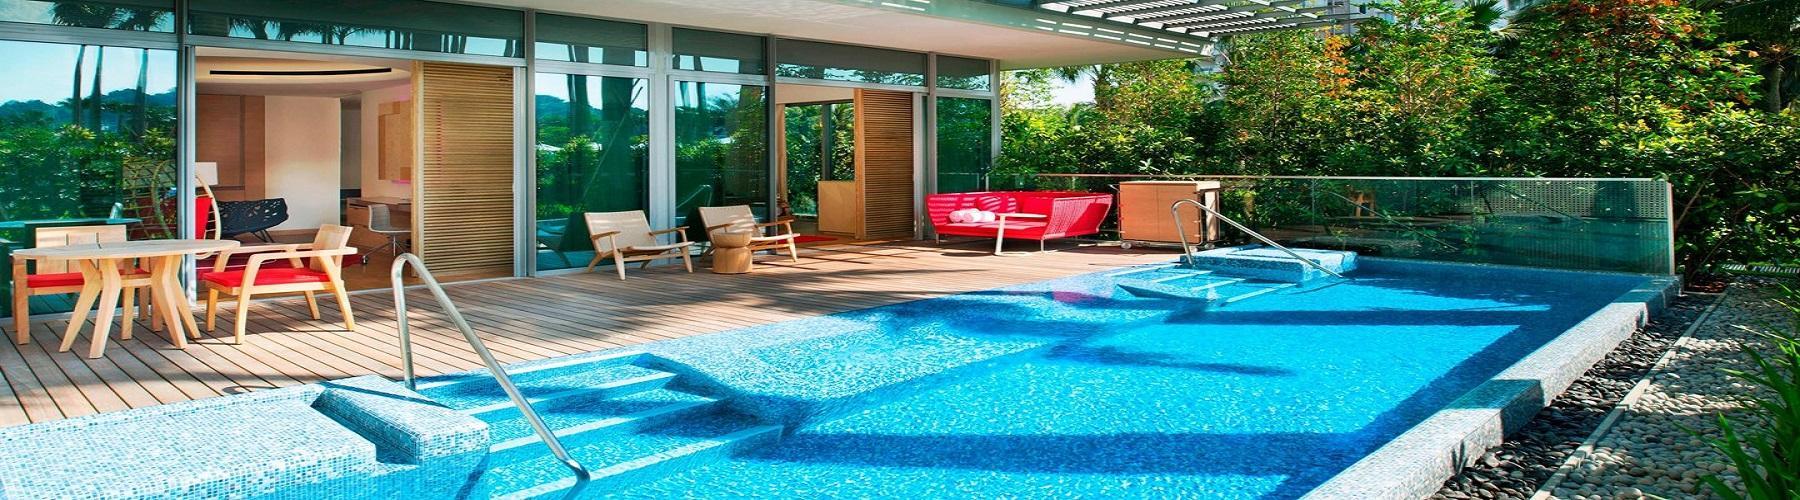 Номер с бассейном в Сингапуре в отеле W Singapore Sentosa Cove